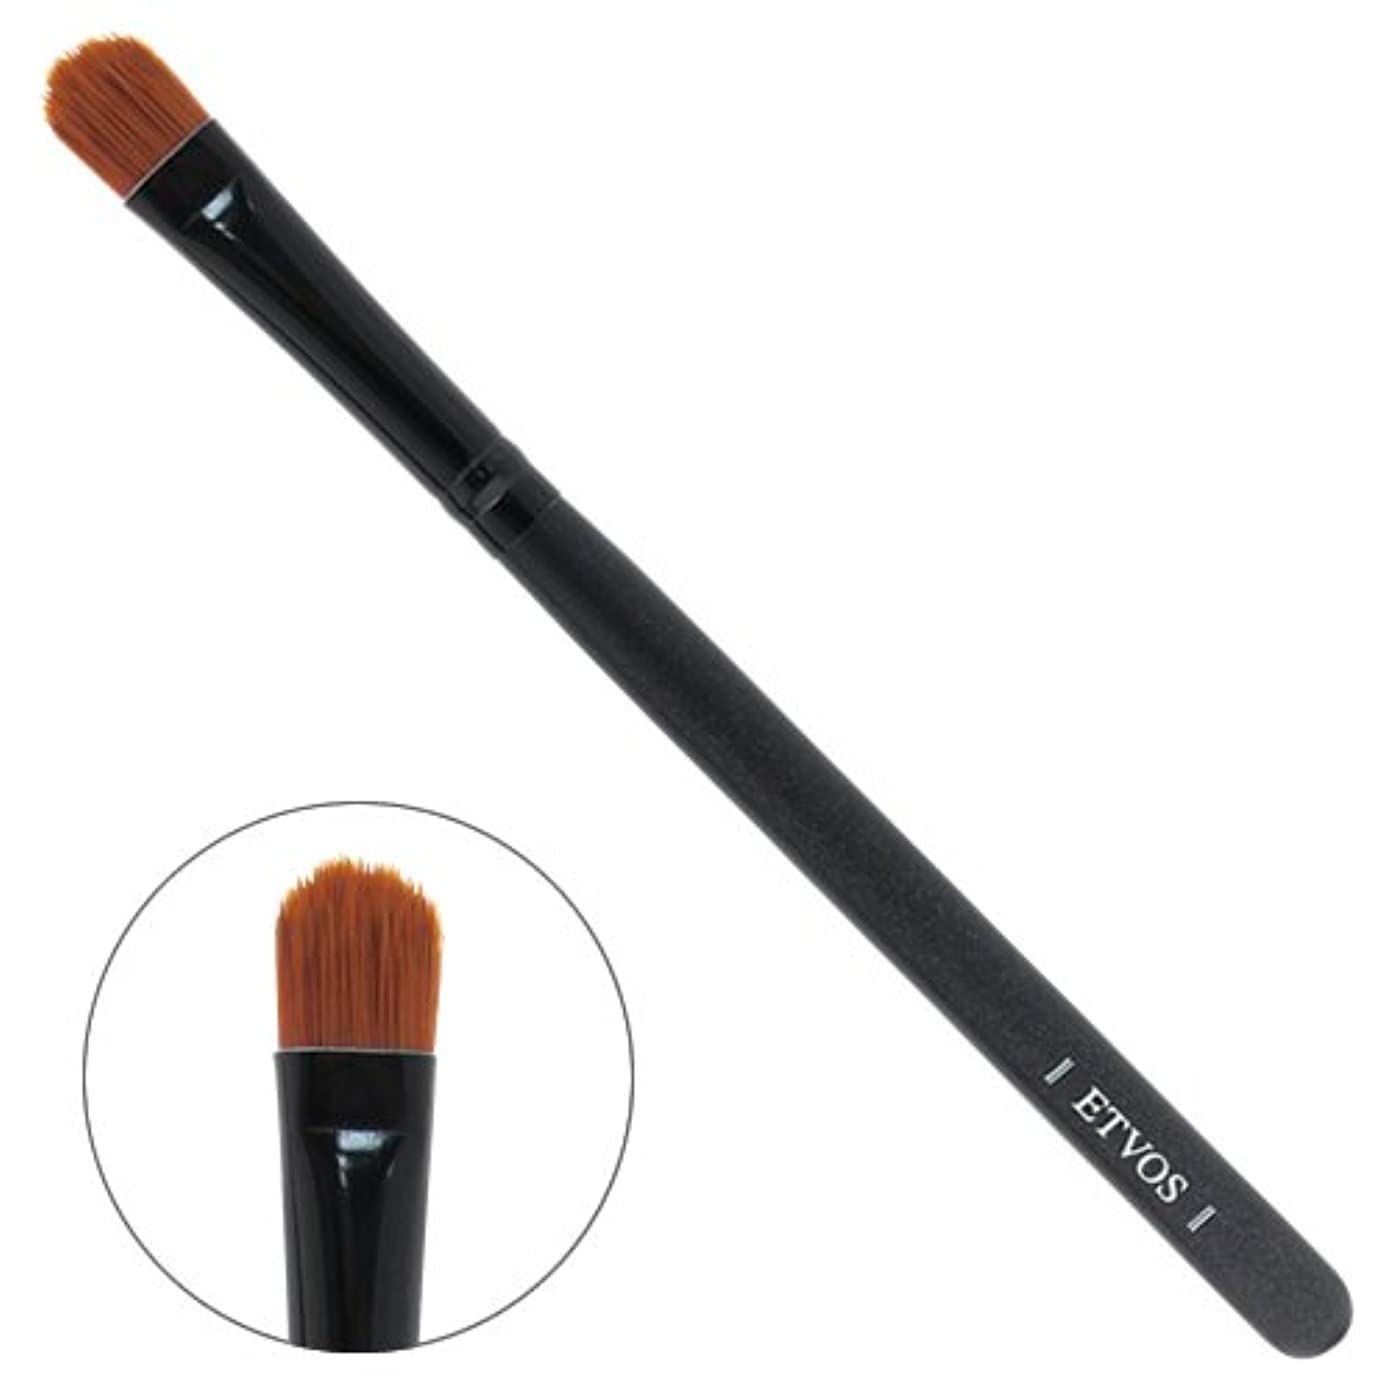 柱直感バレーボールETVOS(エトヴォス) アイシャドーブラシ 平らで毛先を丸カット/アイシャドウ用化粧筆 重ね塗り対応 14cm